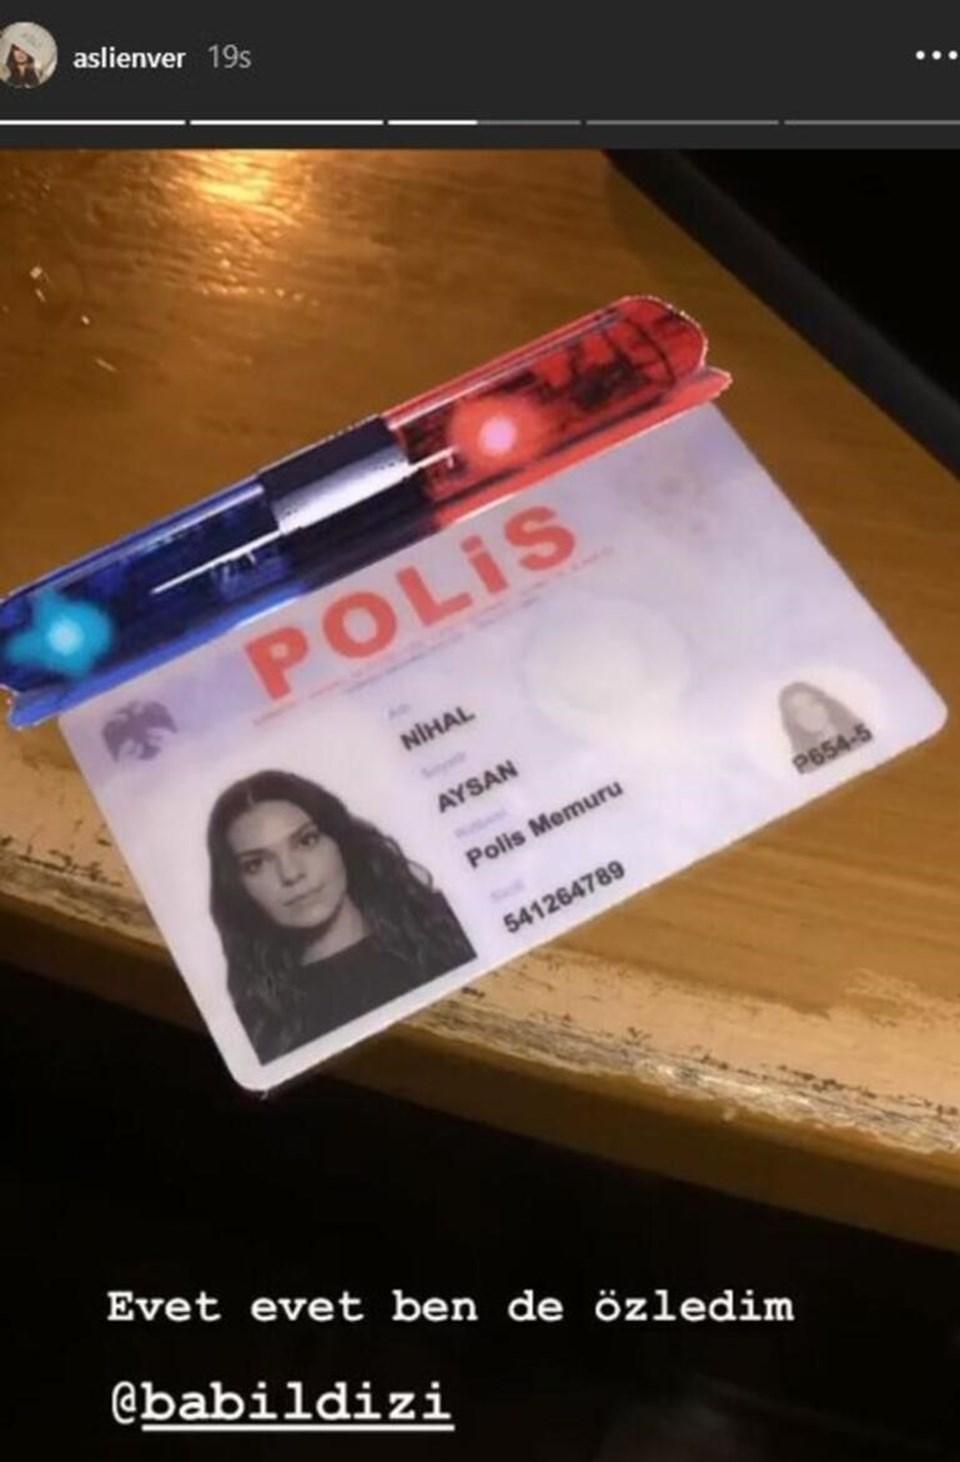 Aslı Enver dizide Ayşe olarak tanınan gizli görevdeki bir polis memurunu canlandırıyor